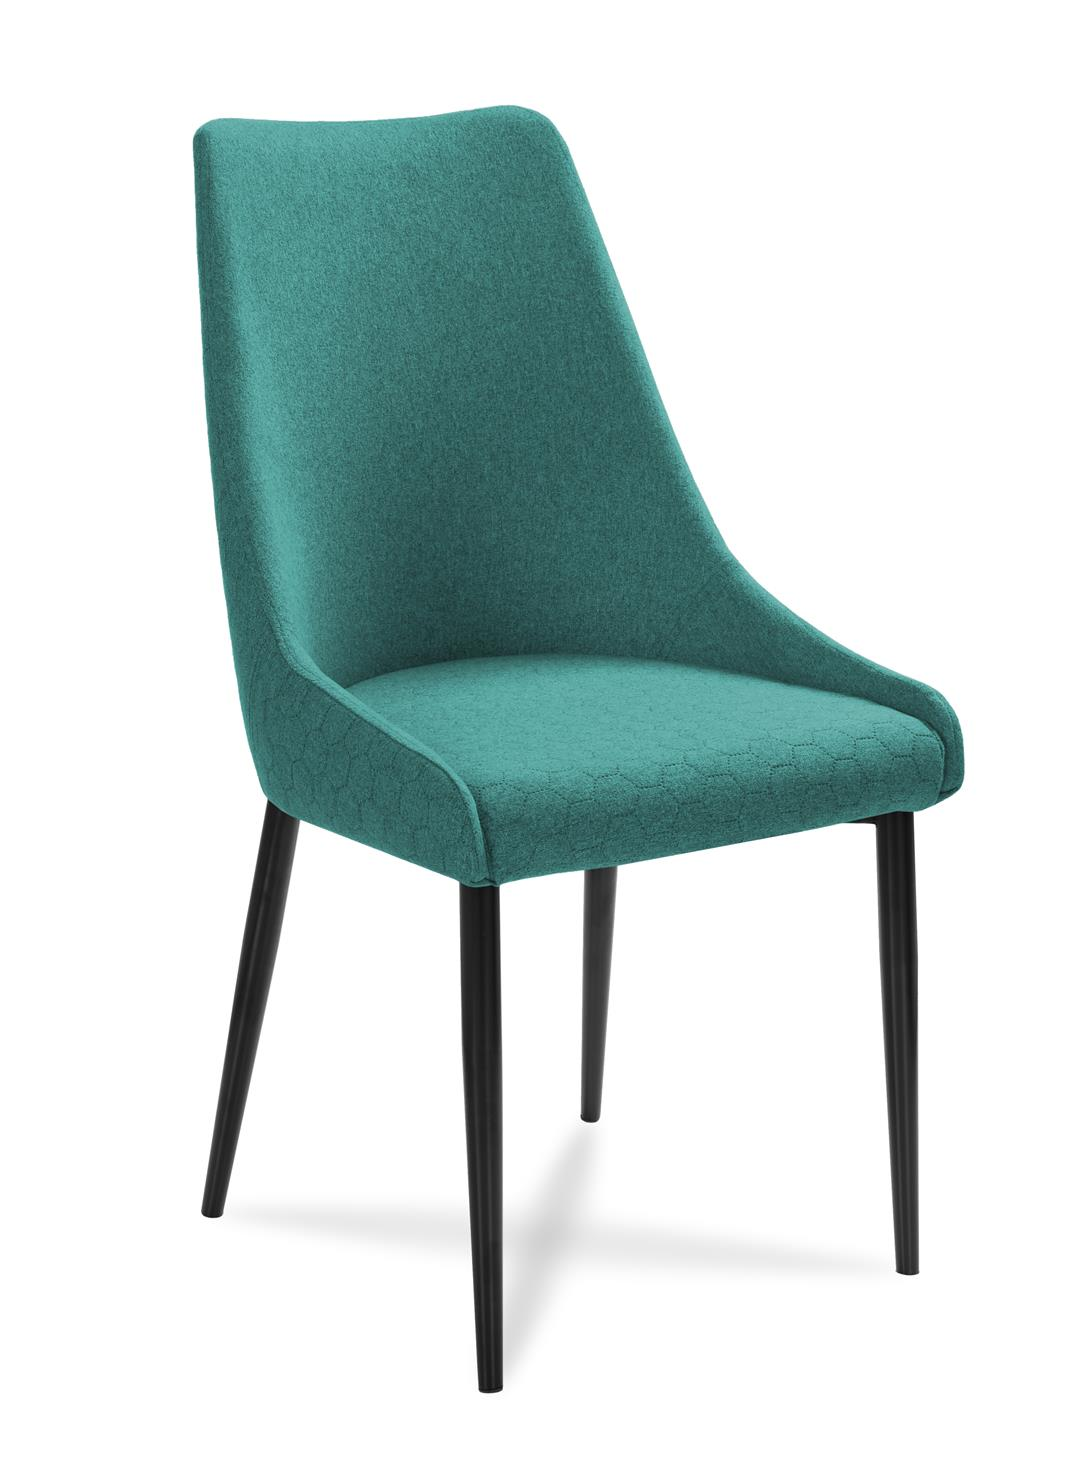 krzesło wzór 5